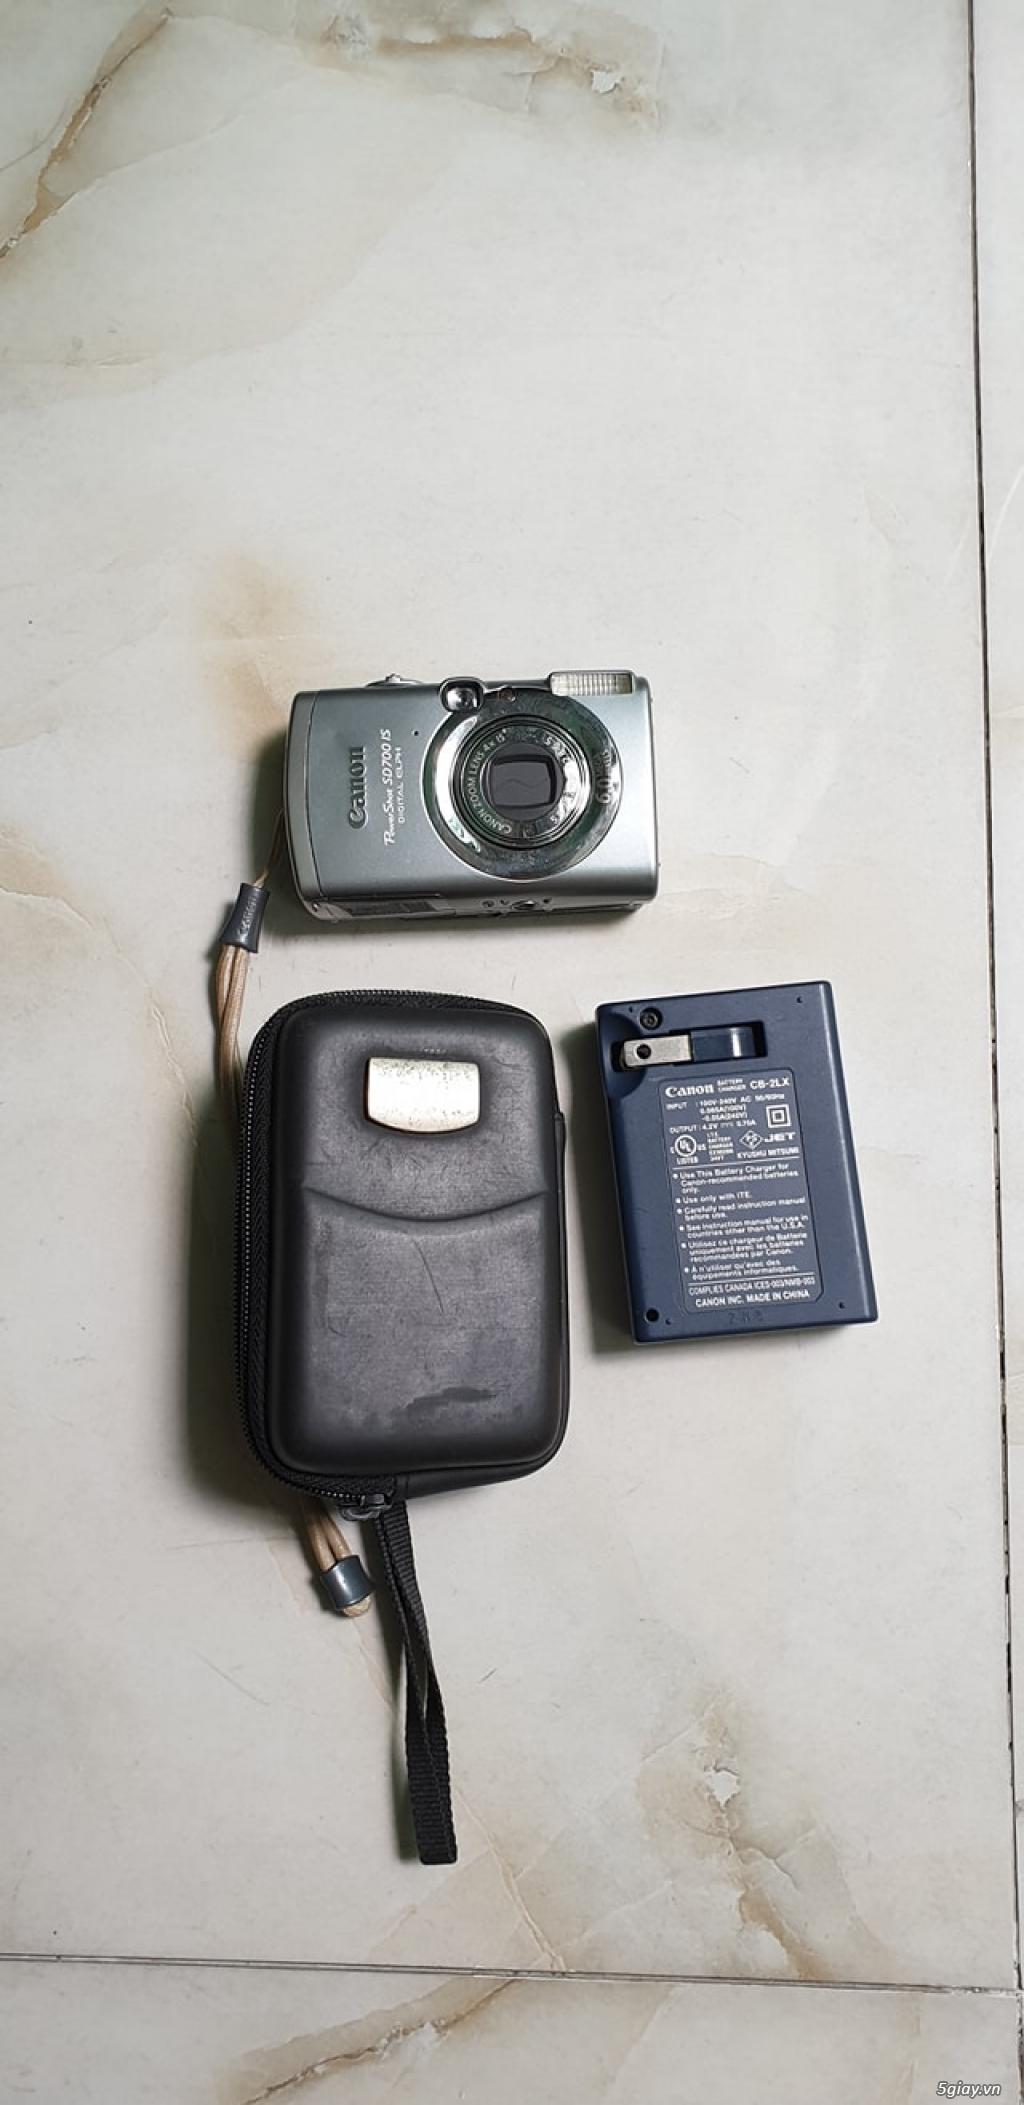 Bán máy ảnh Canon IXY 31 S và POWERSHOT SD700IS còn khá mới - 3